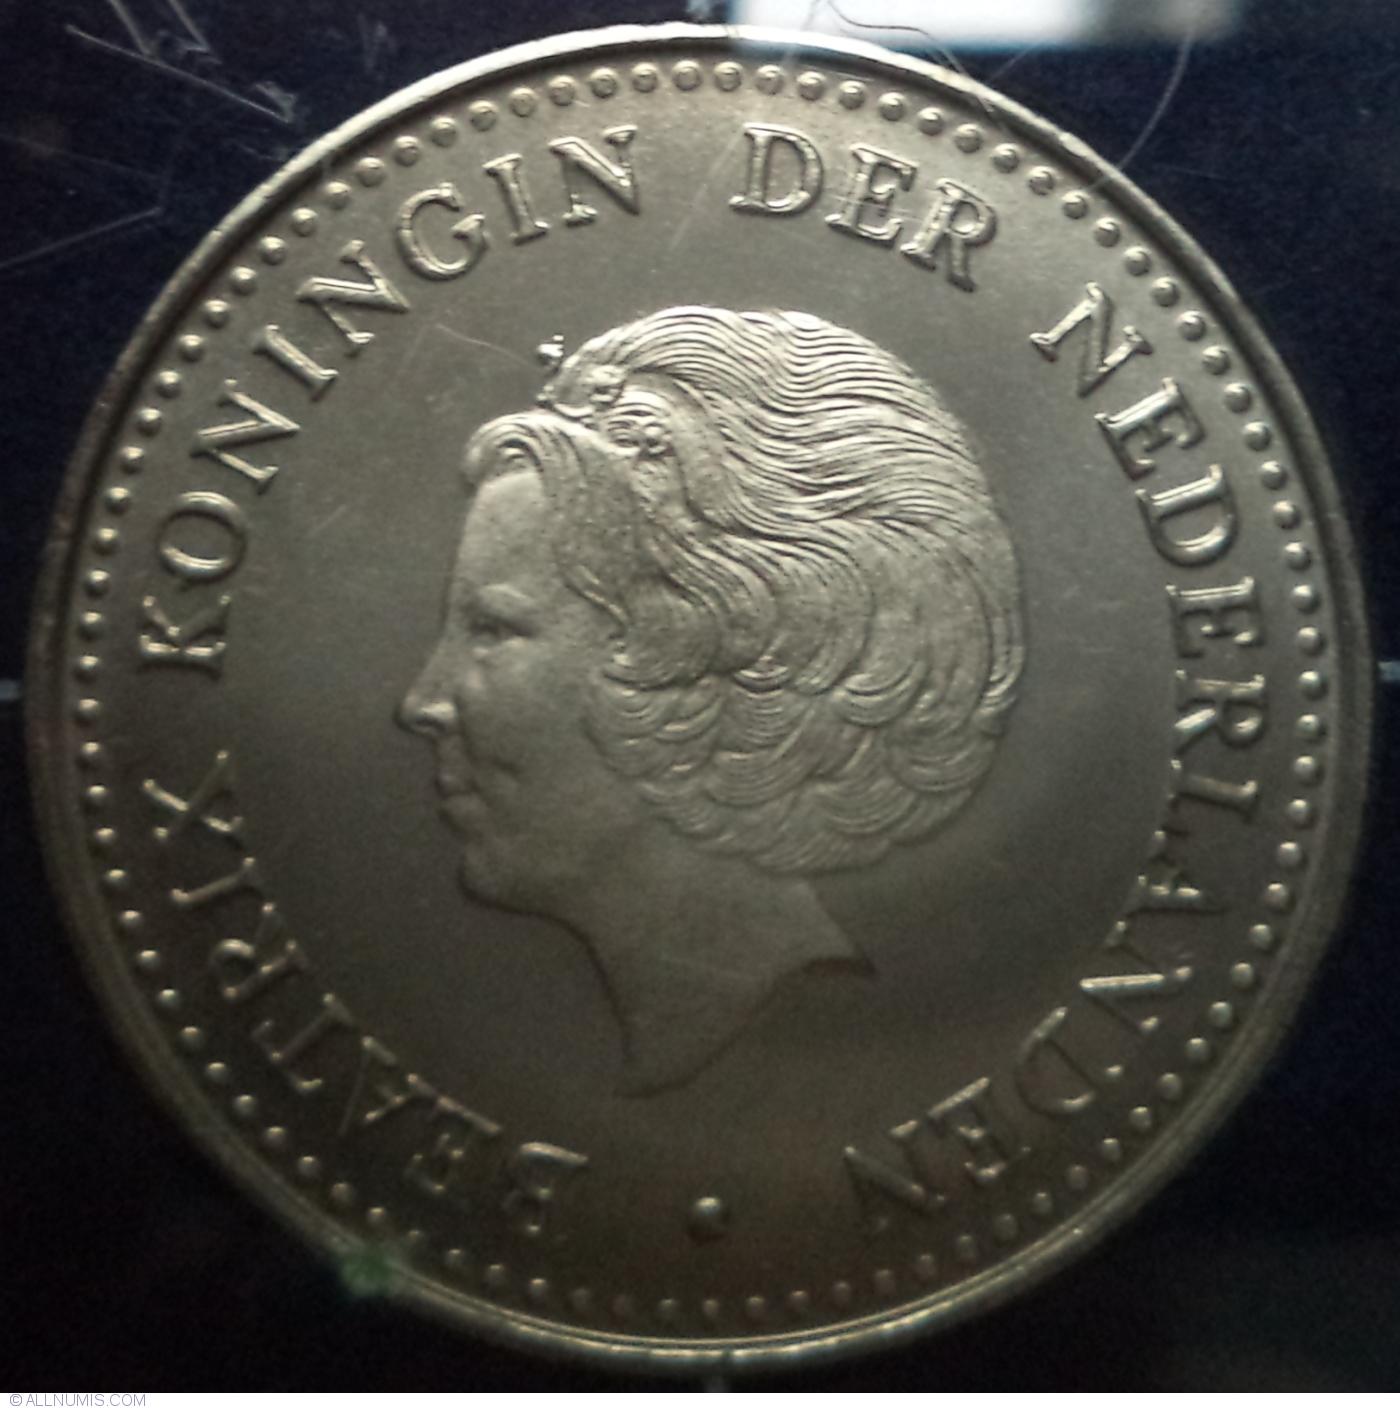 NETHERLANDS ANTILLES 1.00-1 Gulden issue 1970 UNC